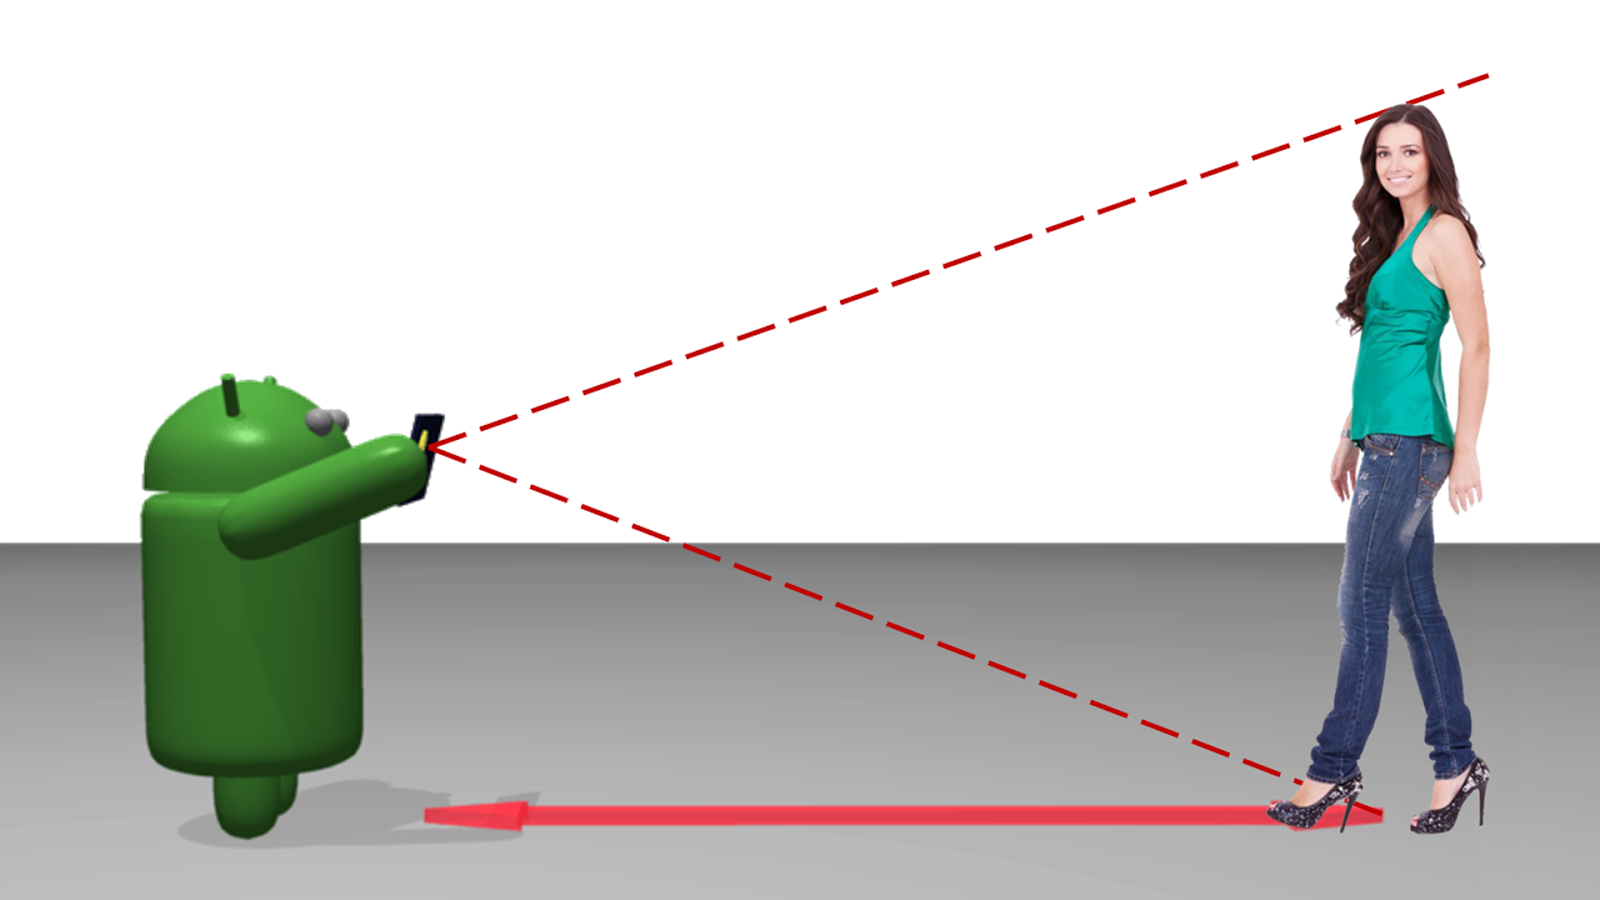 تحميل تطبيق لقياس الطول والمسافة لأجهزة الأندرويد